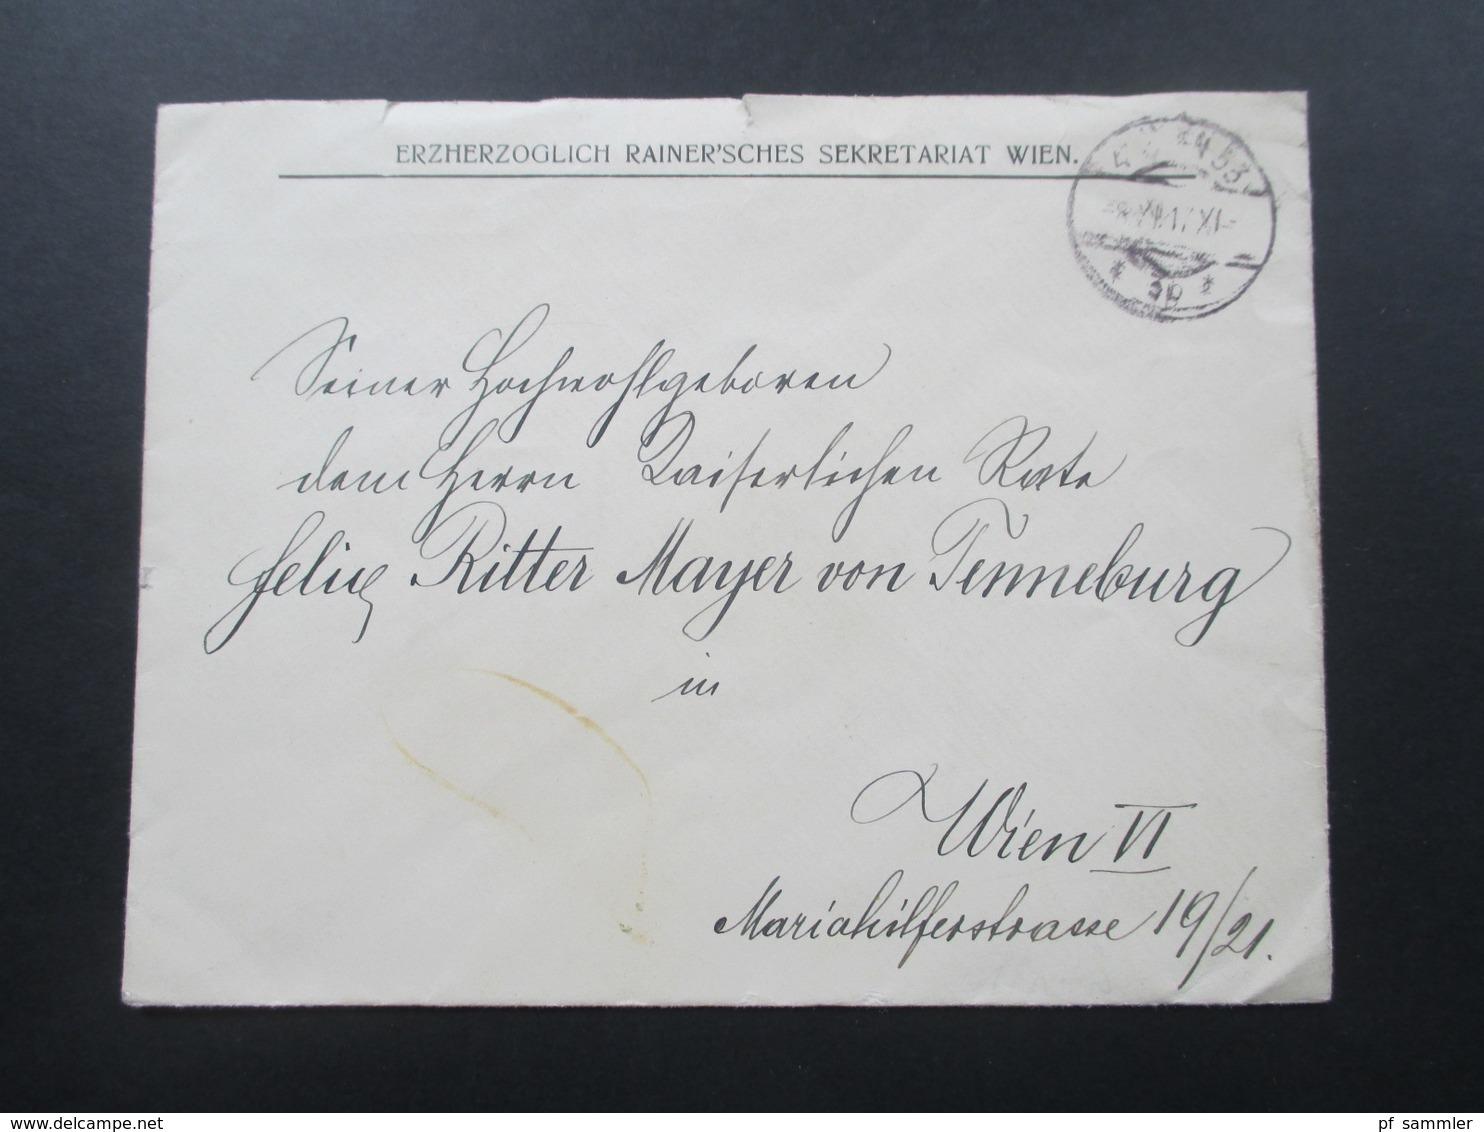 Österreich 1917 Erzherzoglich Rainer'sches Sekretariat An: Felix Ritter Mayer Von Tenneburg. Öst. Touring Club - Briefe U. Dokumente